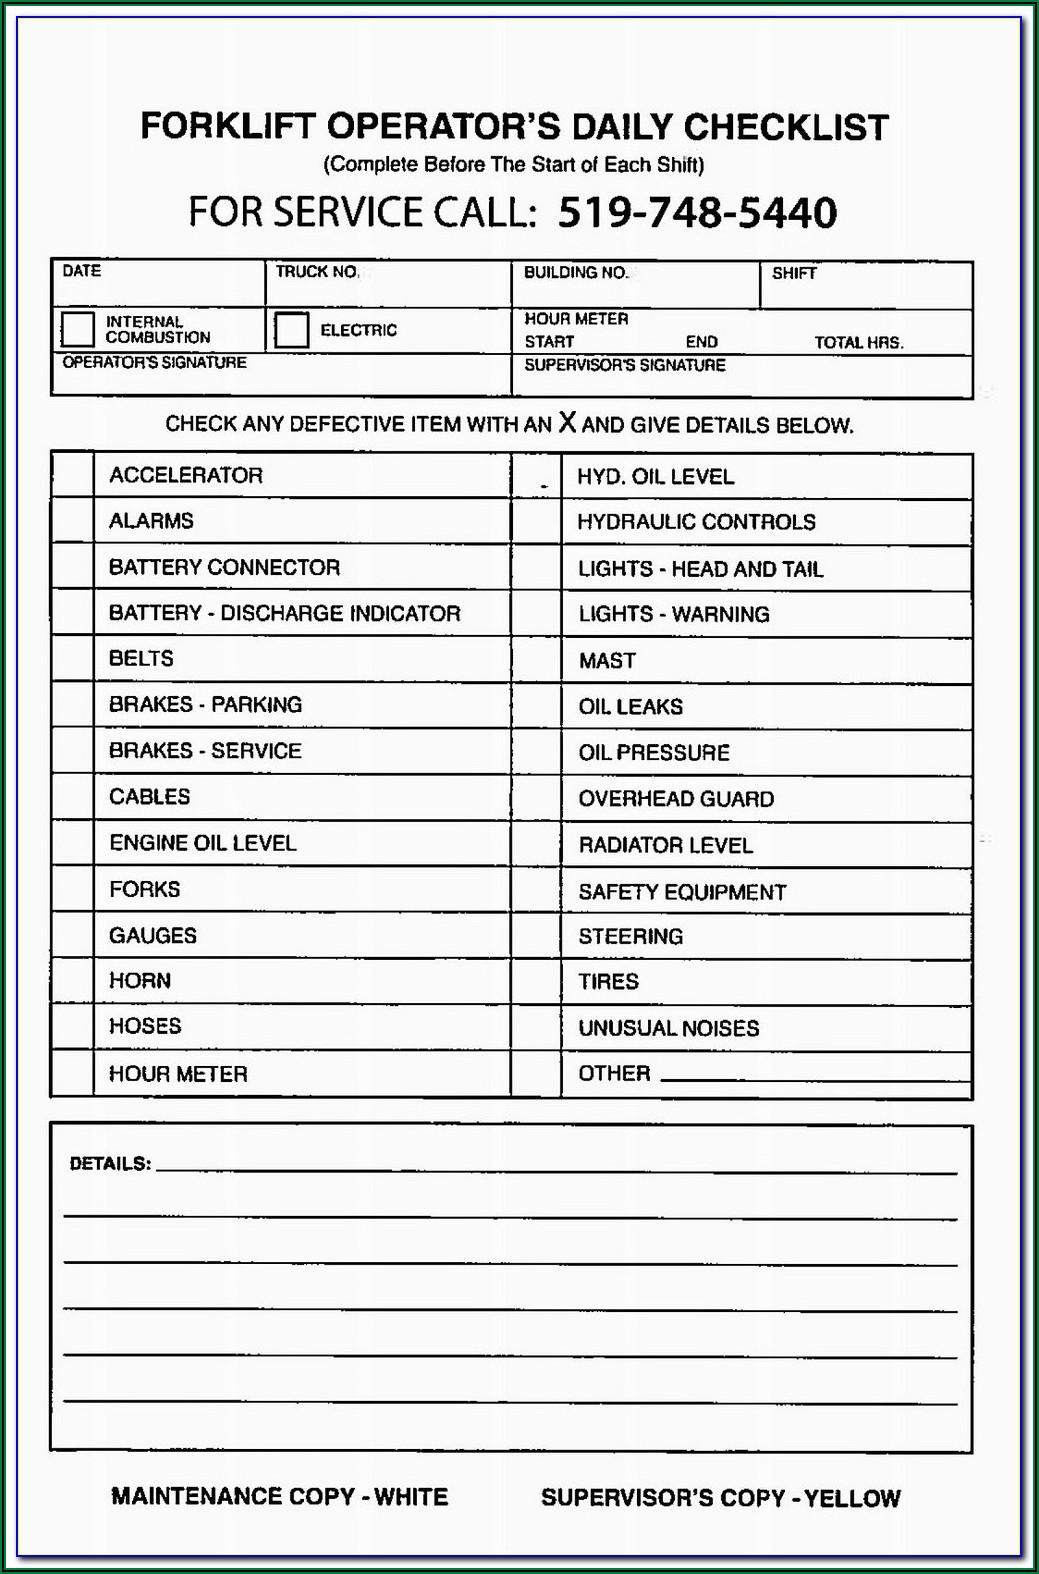 Forklift Checklist Template